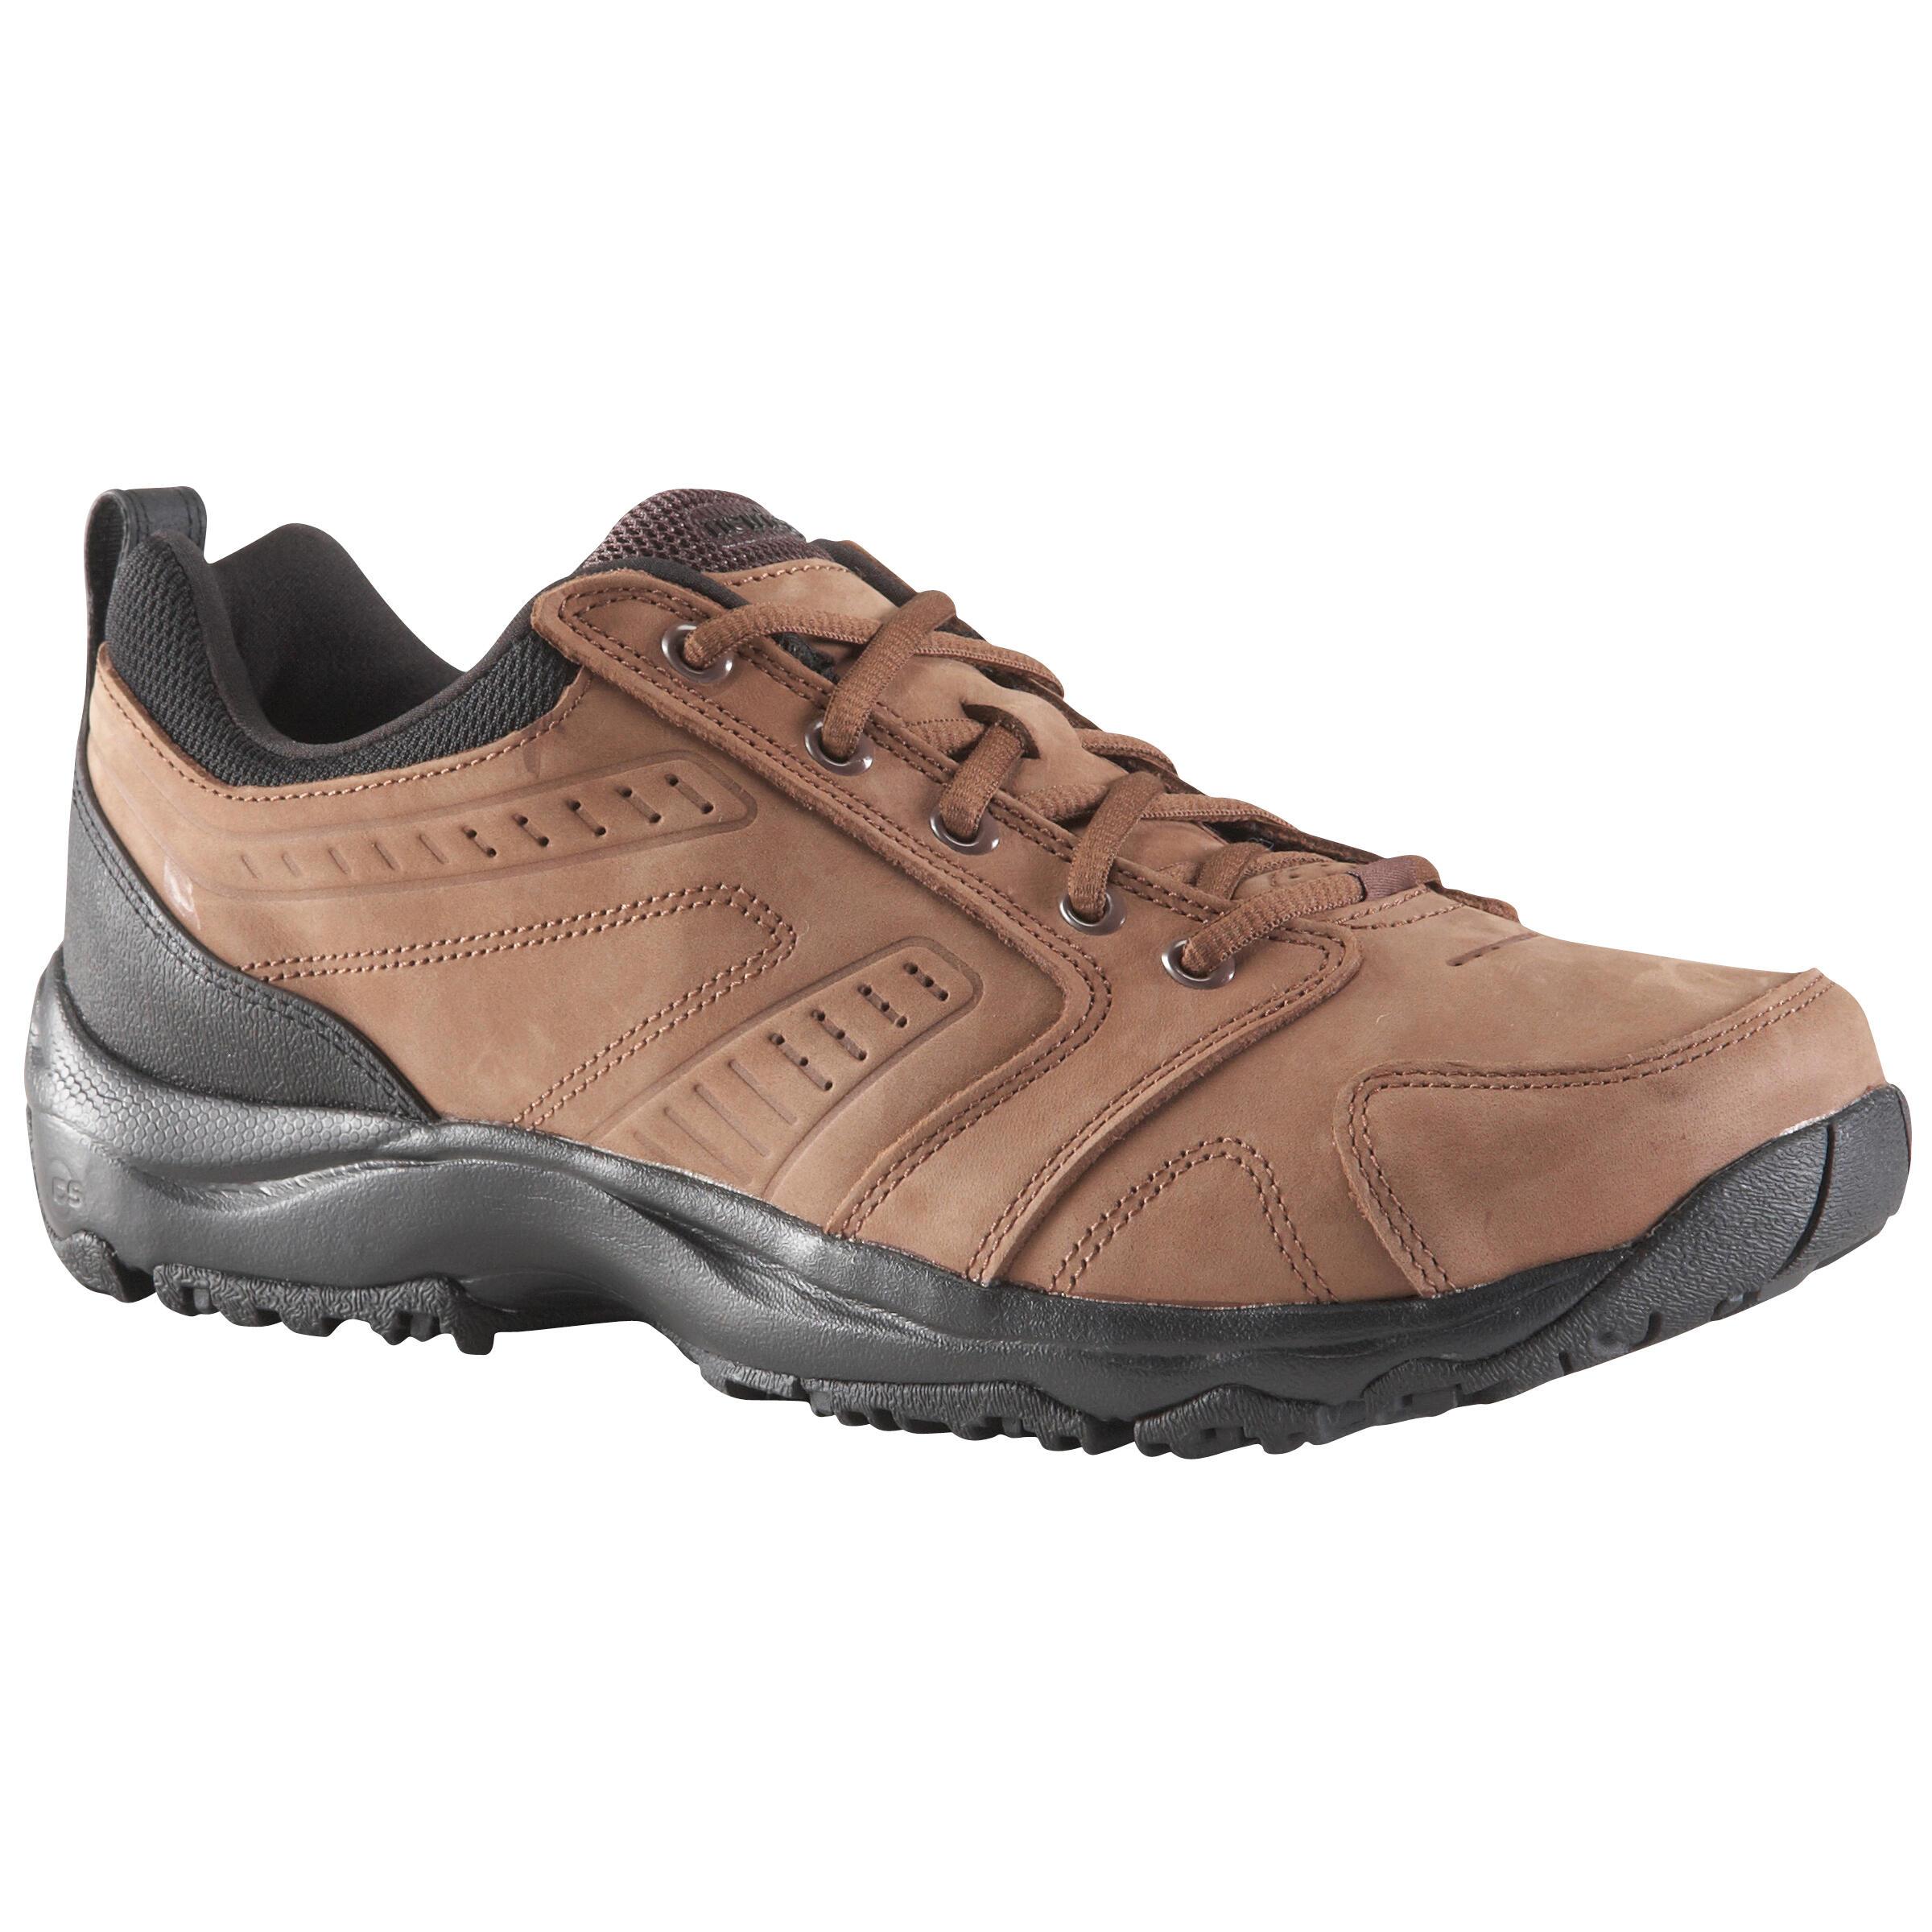 NEWFEEL Chaussures marche active homme Nakuru Confort cuir marron - NEWFEEL - 40